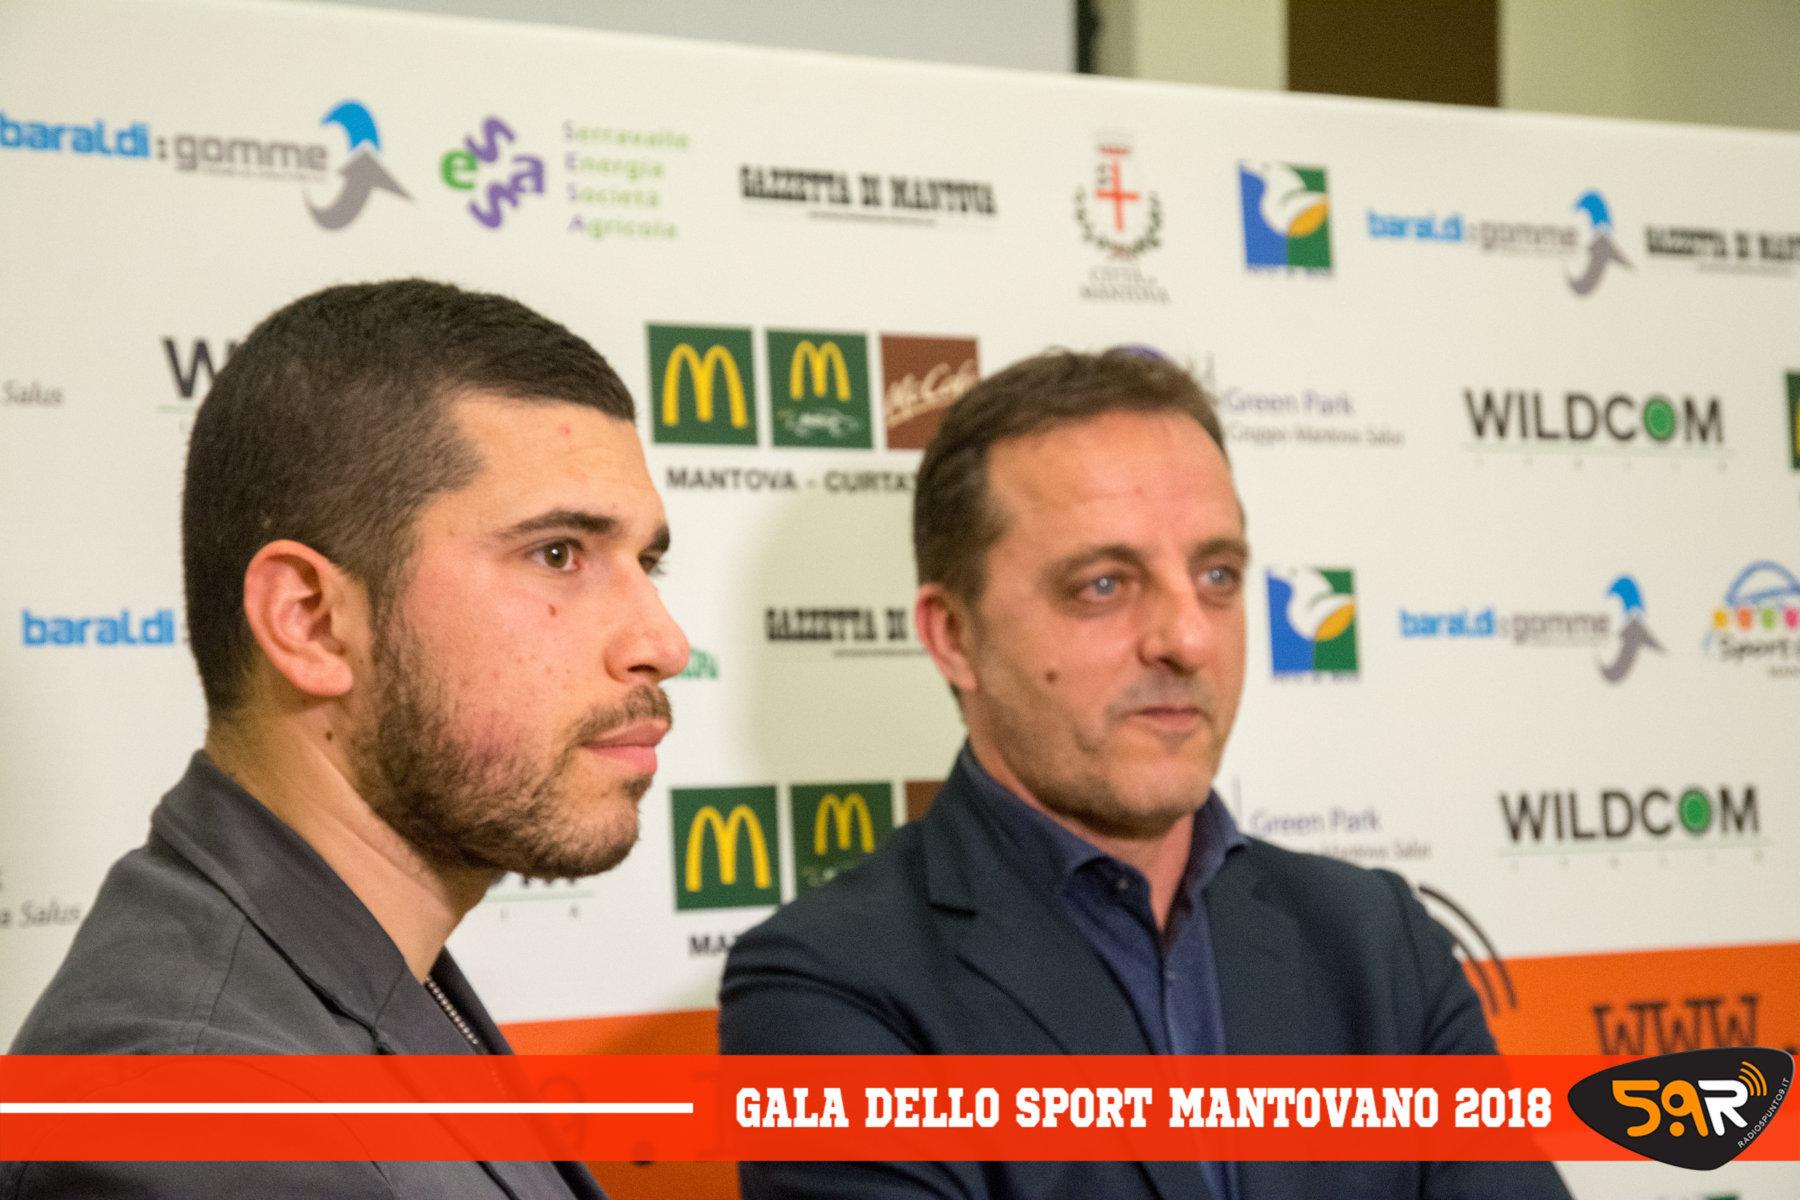 Gala dello Sport Mantovano 2018 Web Radio 5 (51)